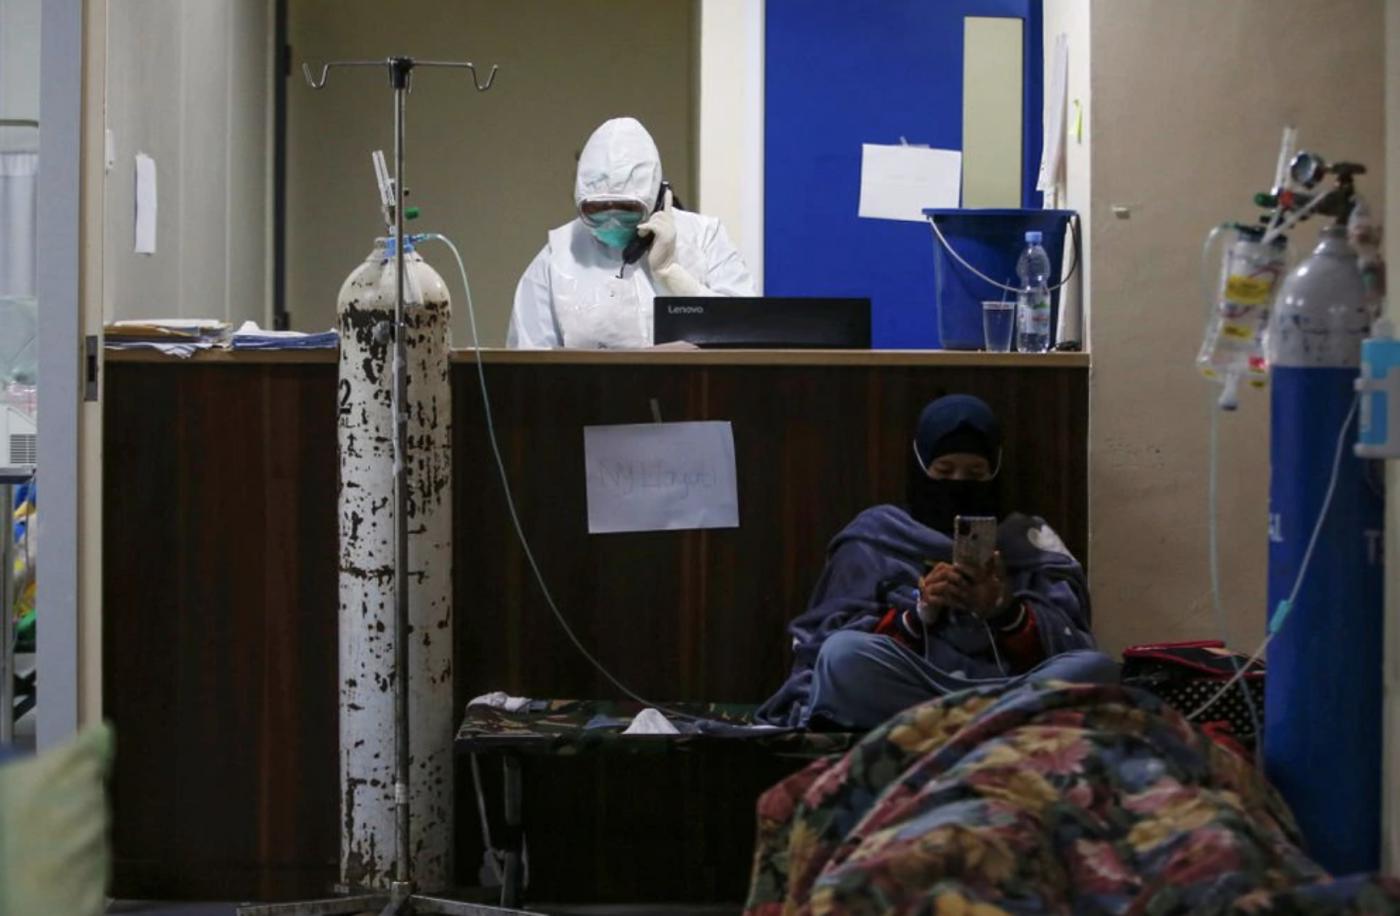 印度的新冠疫情惨状如今在印尼重现_图1-3